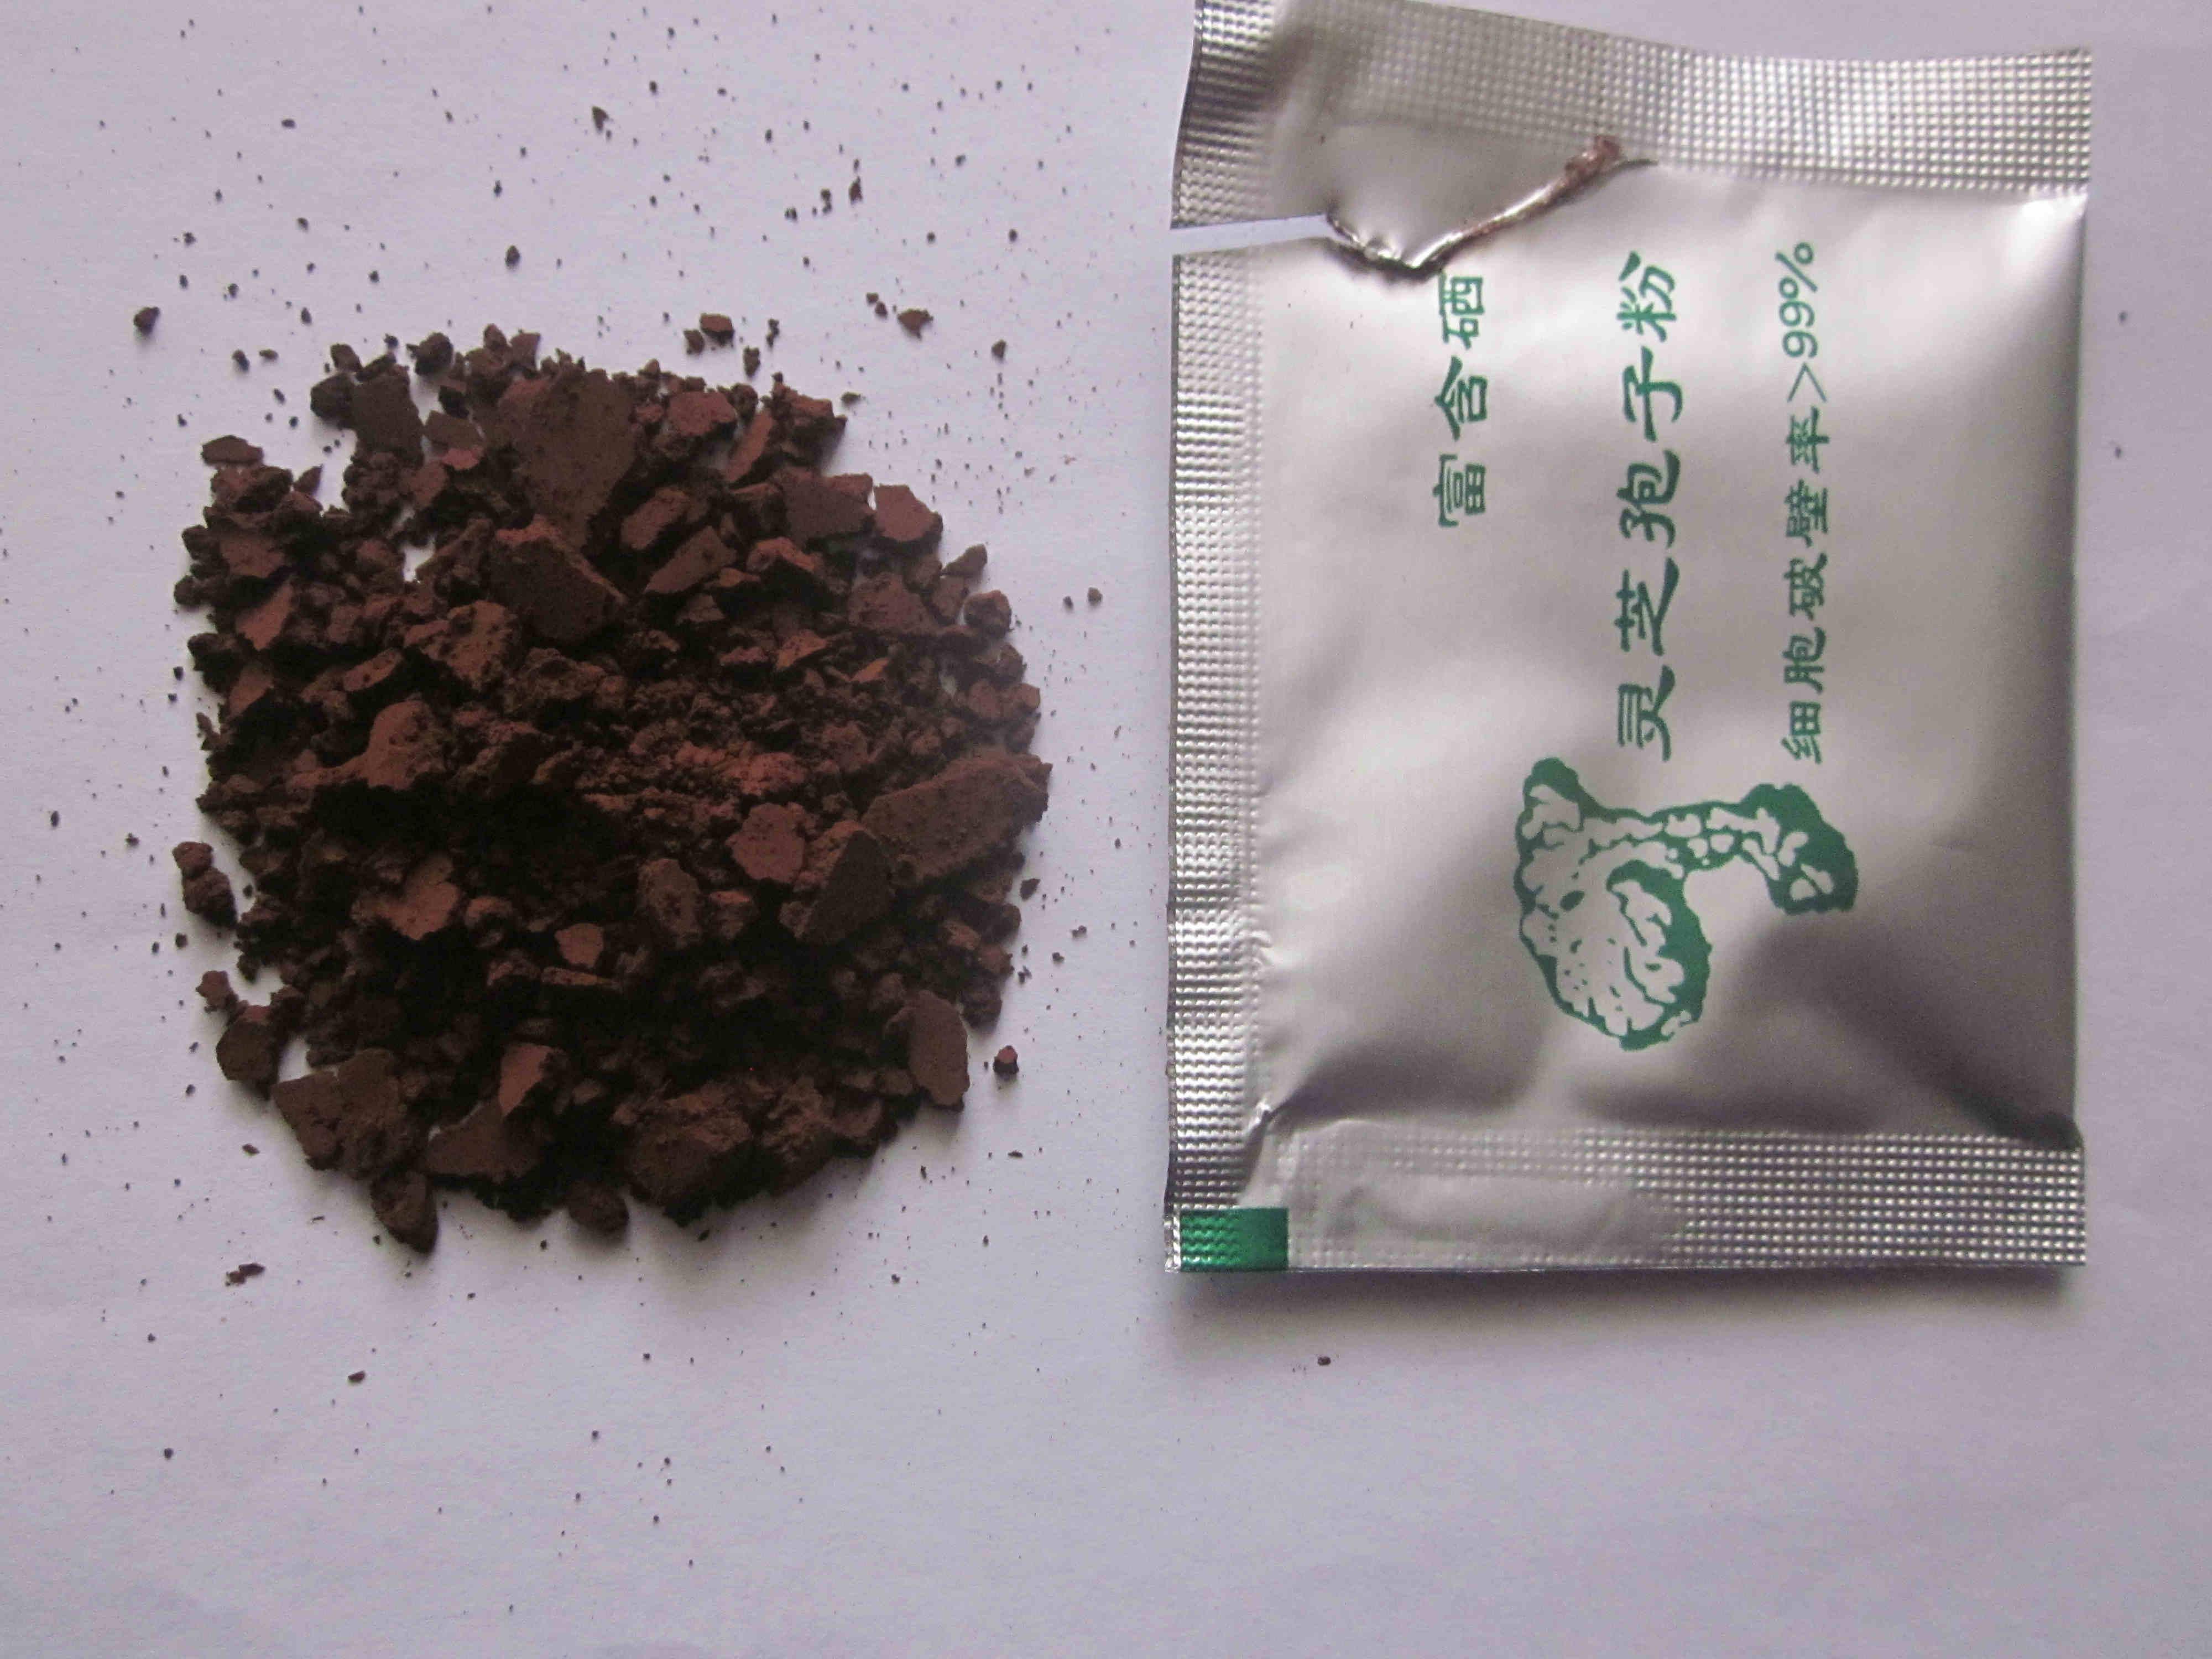 Богатые содержит Порошок полисахаридов Selenium Ganoderma Spore высокая оригинал Dabie Mountains Ganoderma Lucidum Spore Powder 102g бесплатная доставка по китаю